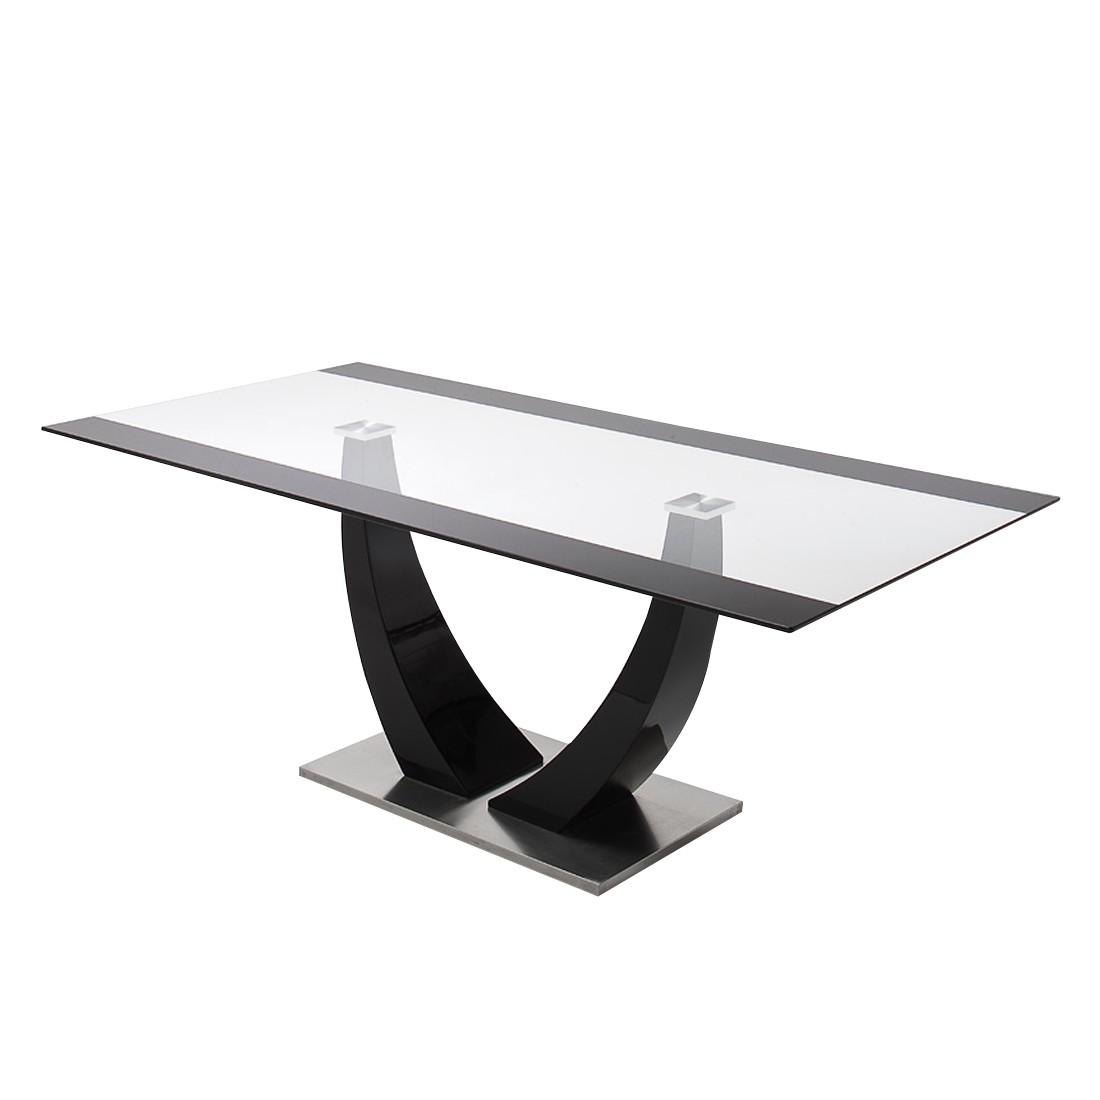 Table à manger Aleksa - Verre / Noir brillant, loftscape